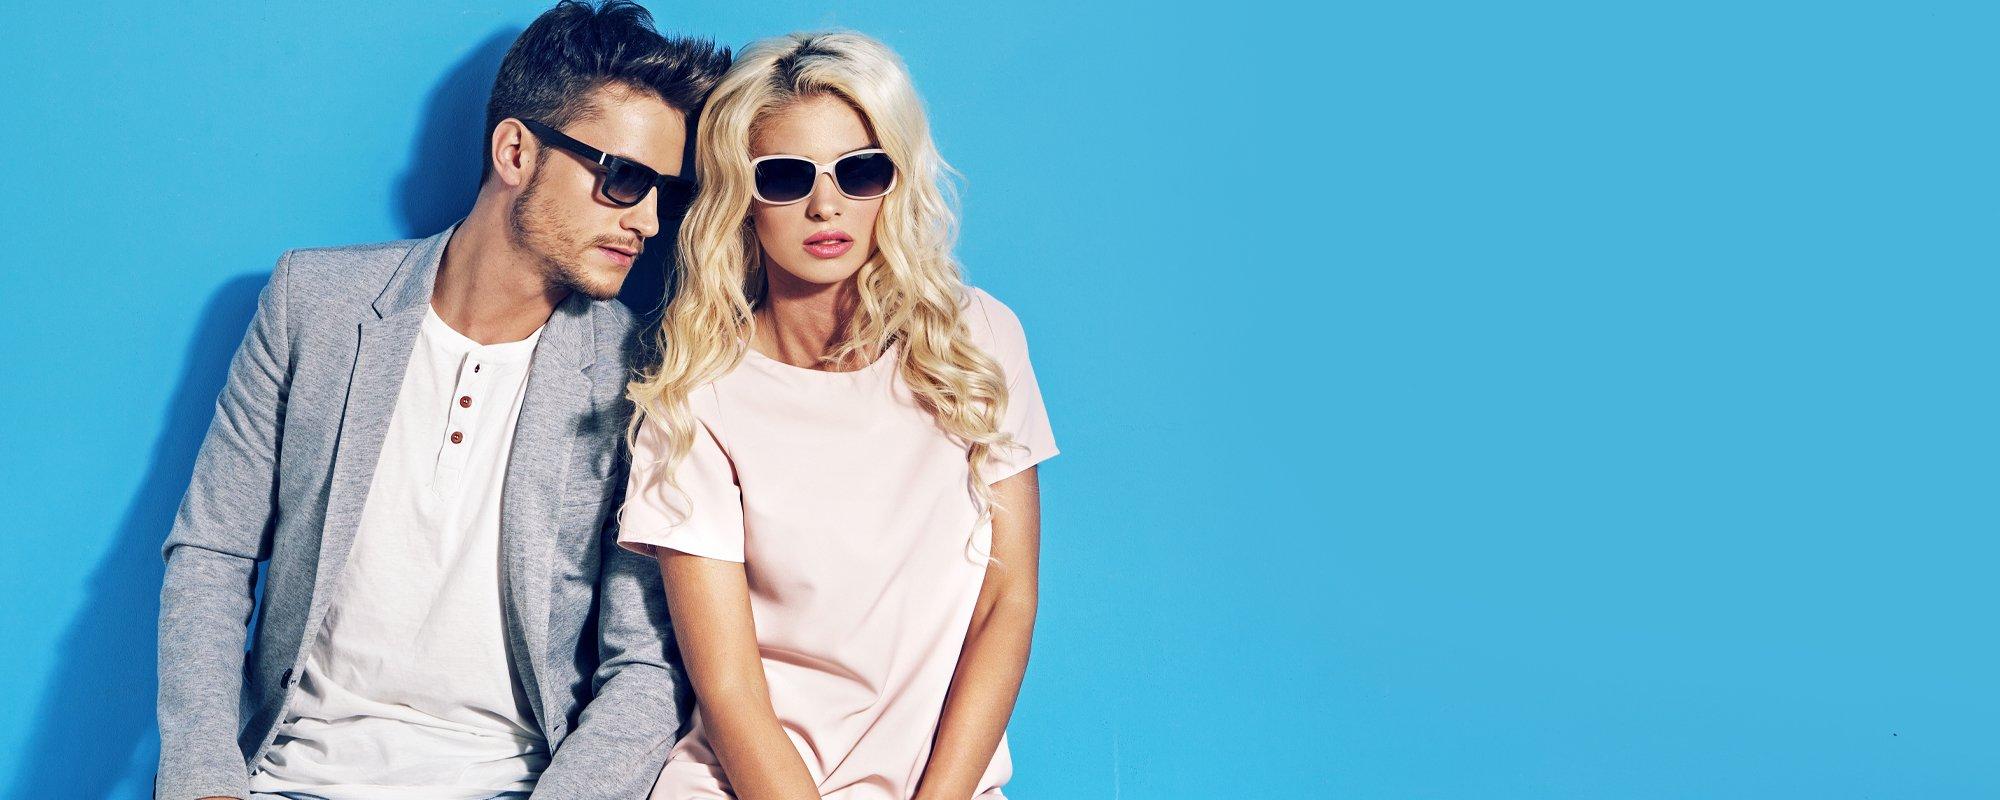 occhiali da sole uomo e donna